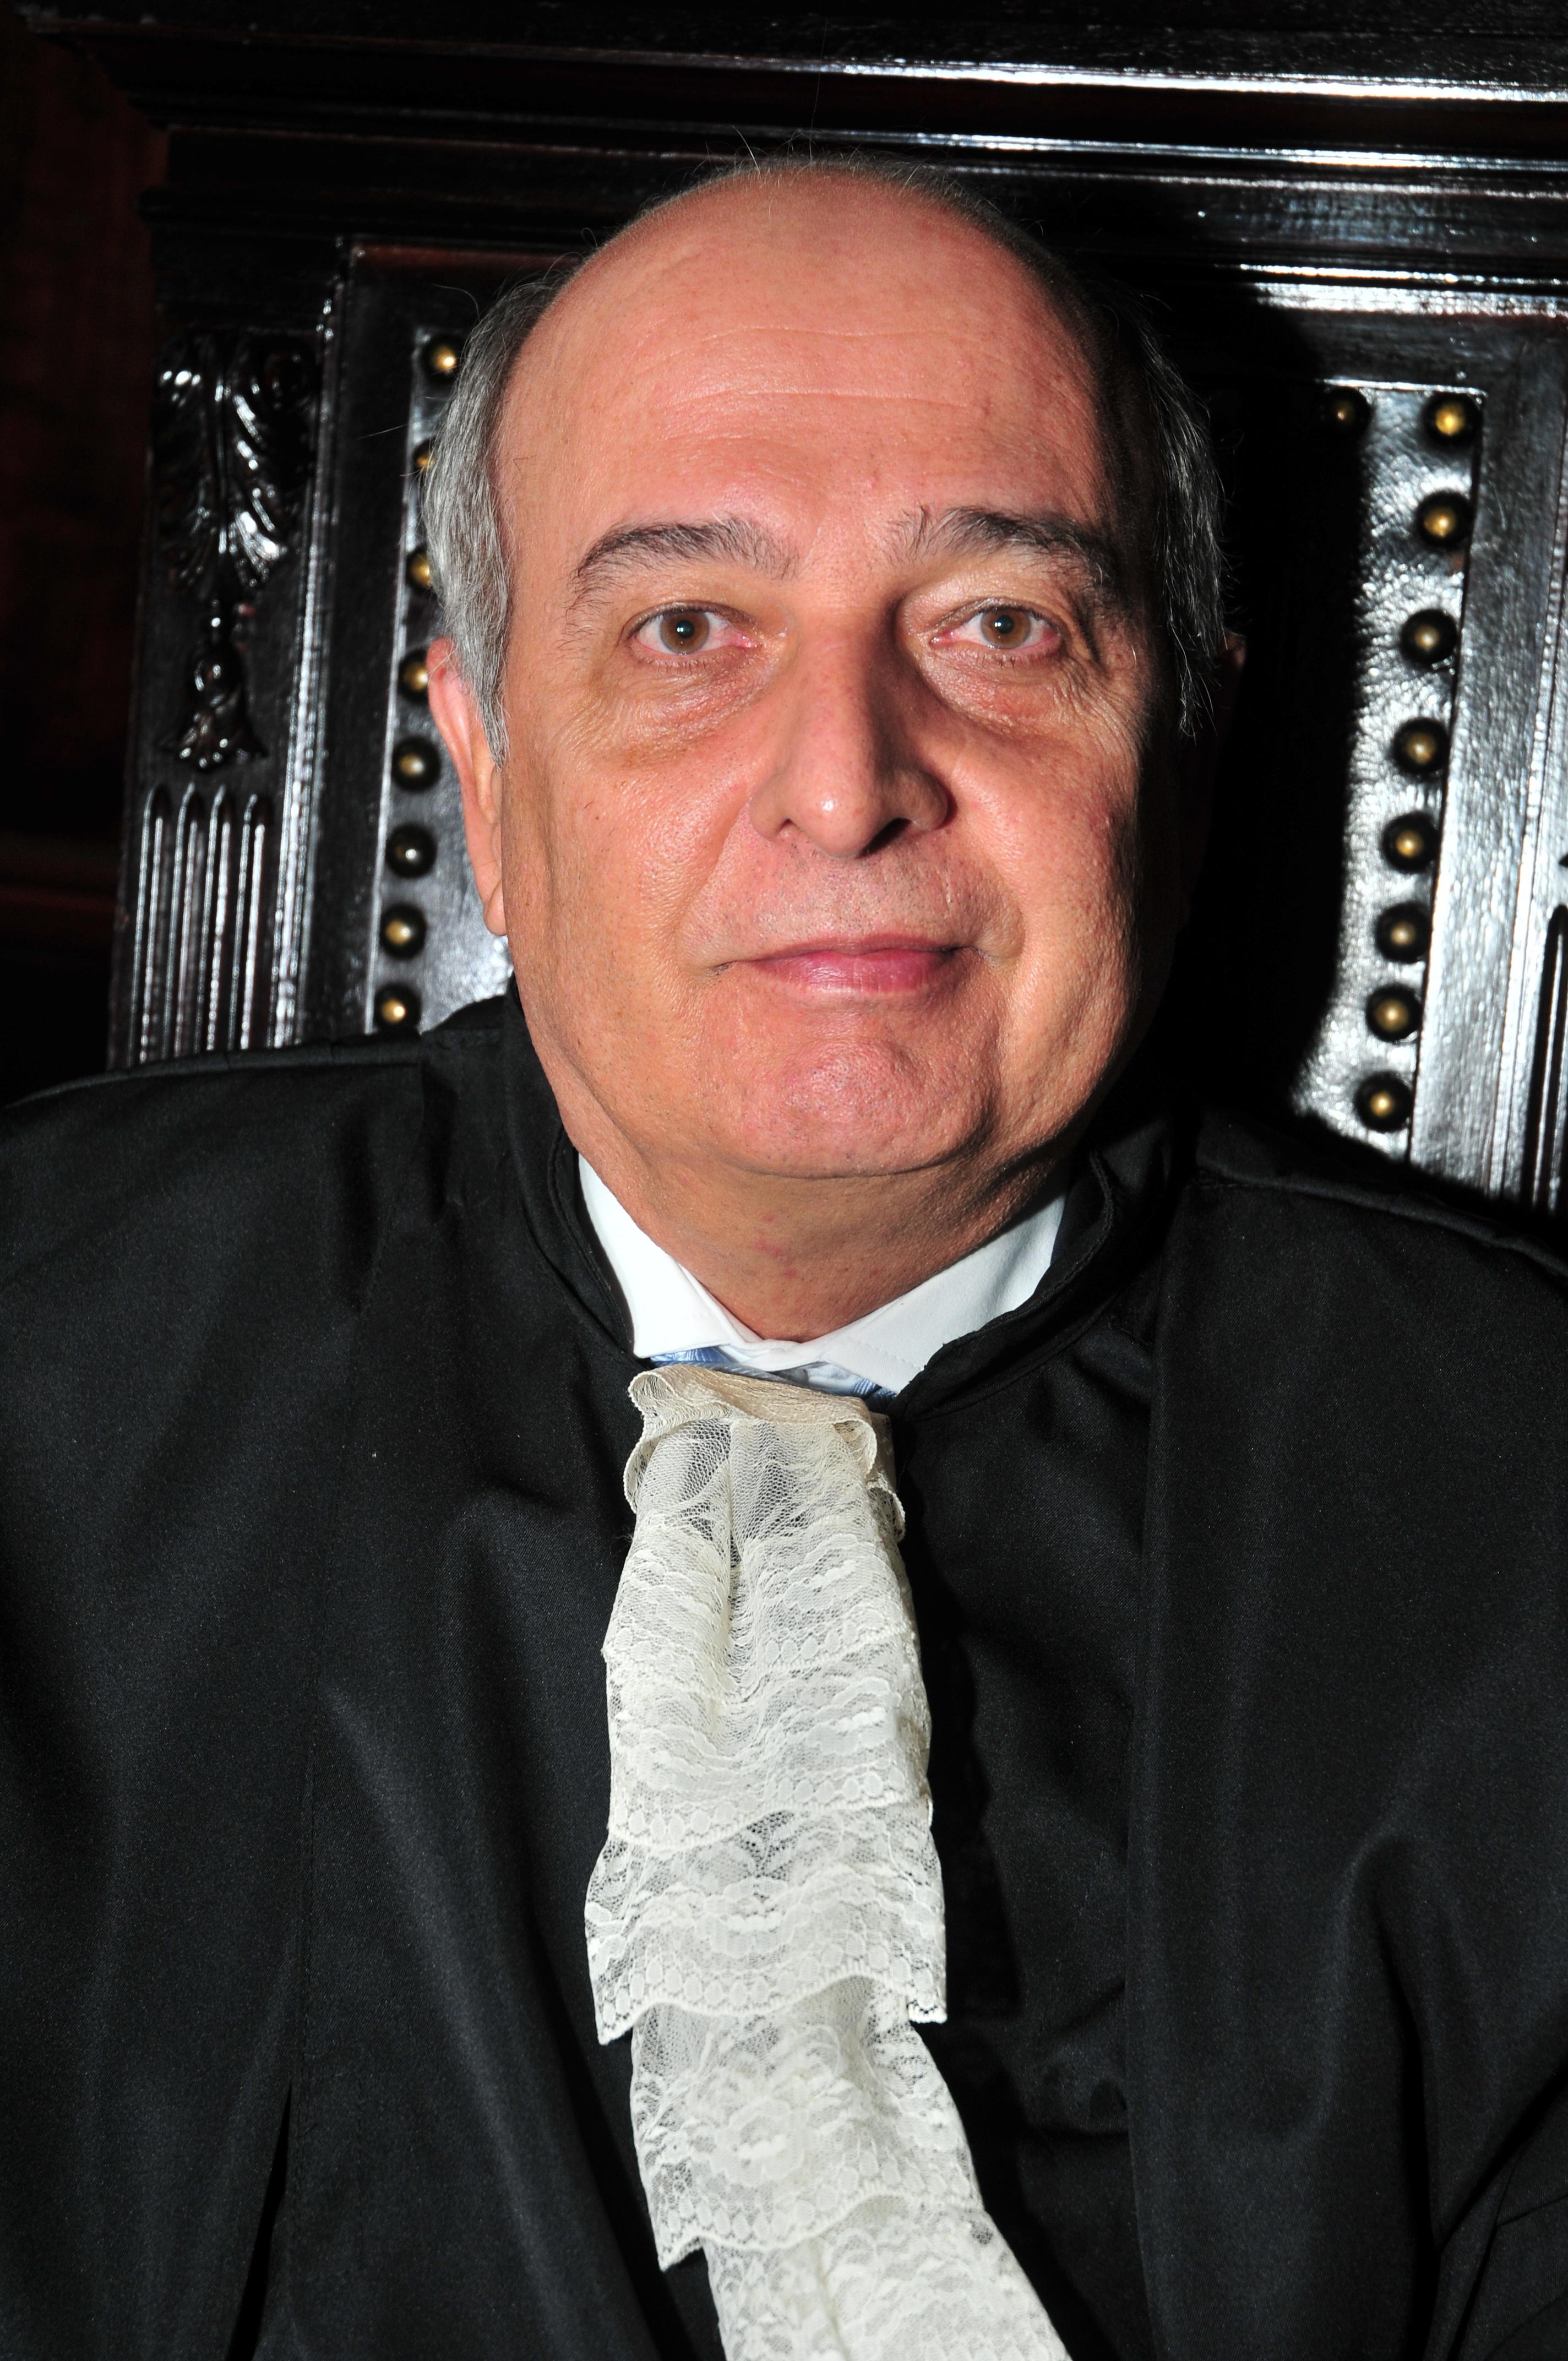 Foto do Primeiro Vice-Presidente, desembargador Adalberto de Oliveira Melo